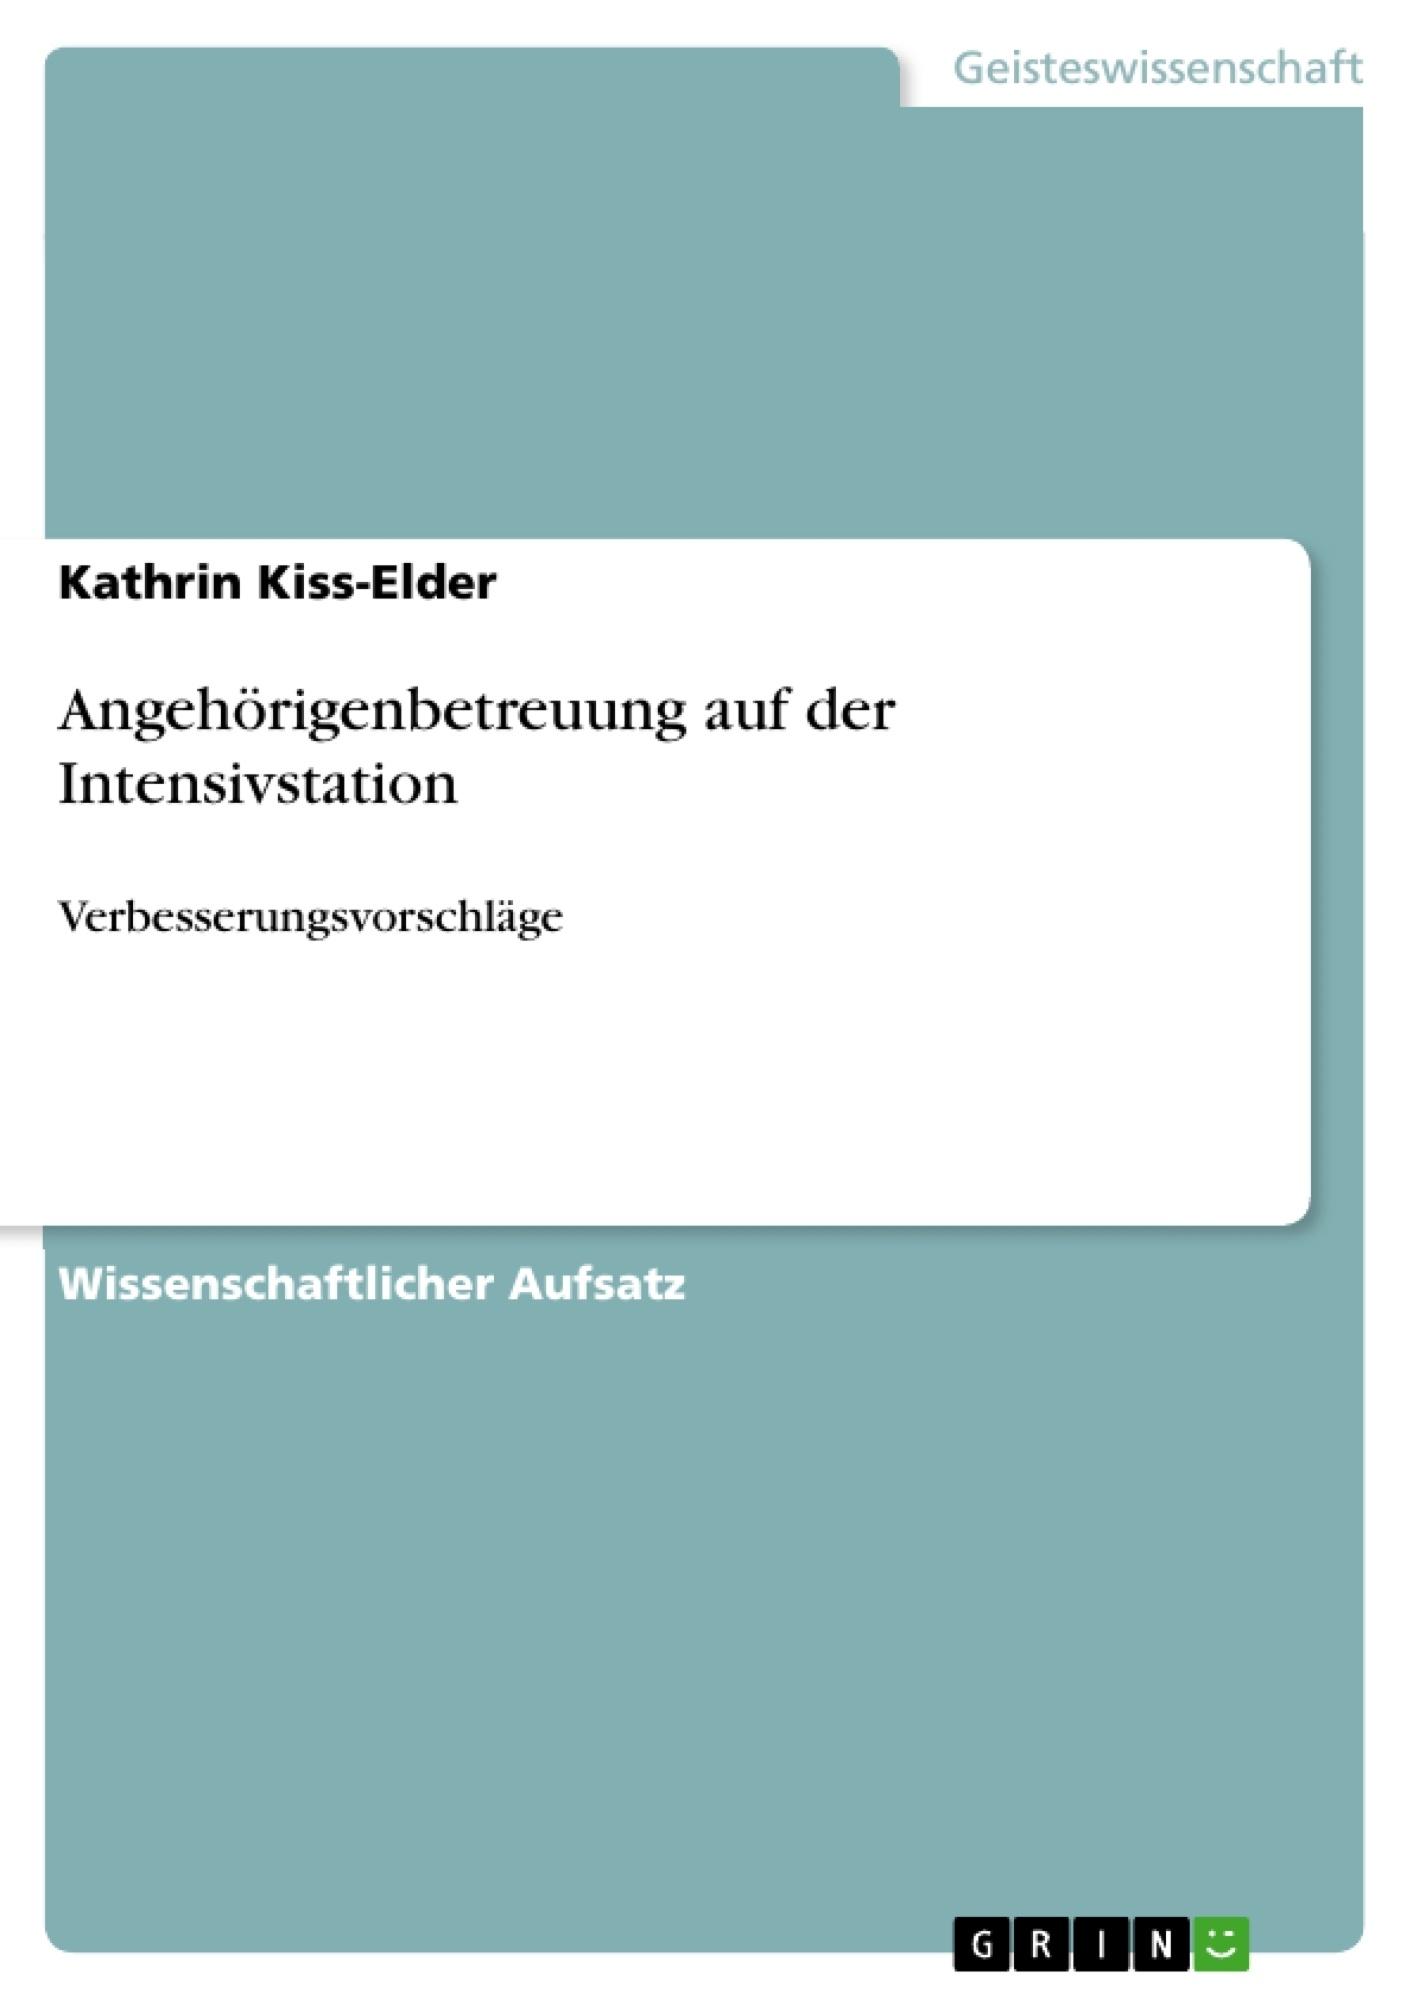 Titel: Angehörigenbetreuung auf der Intensivstation